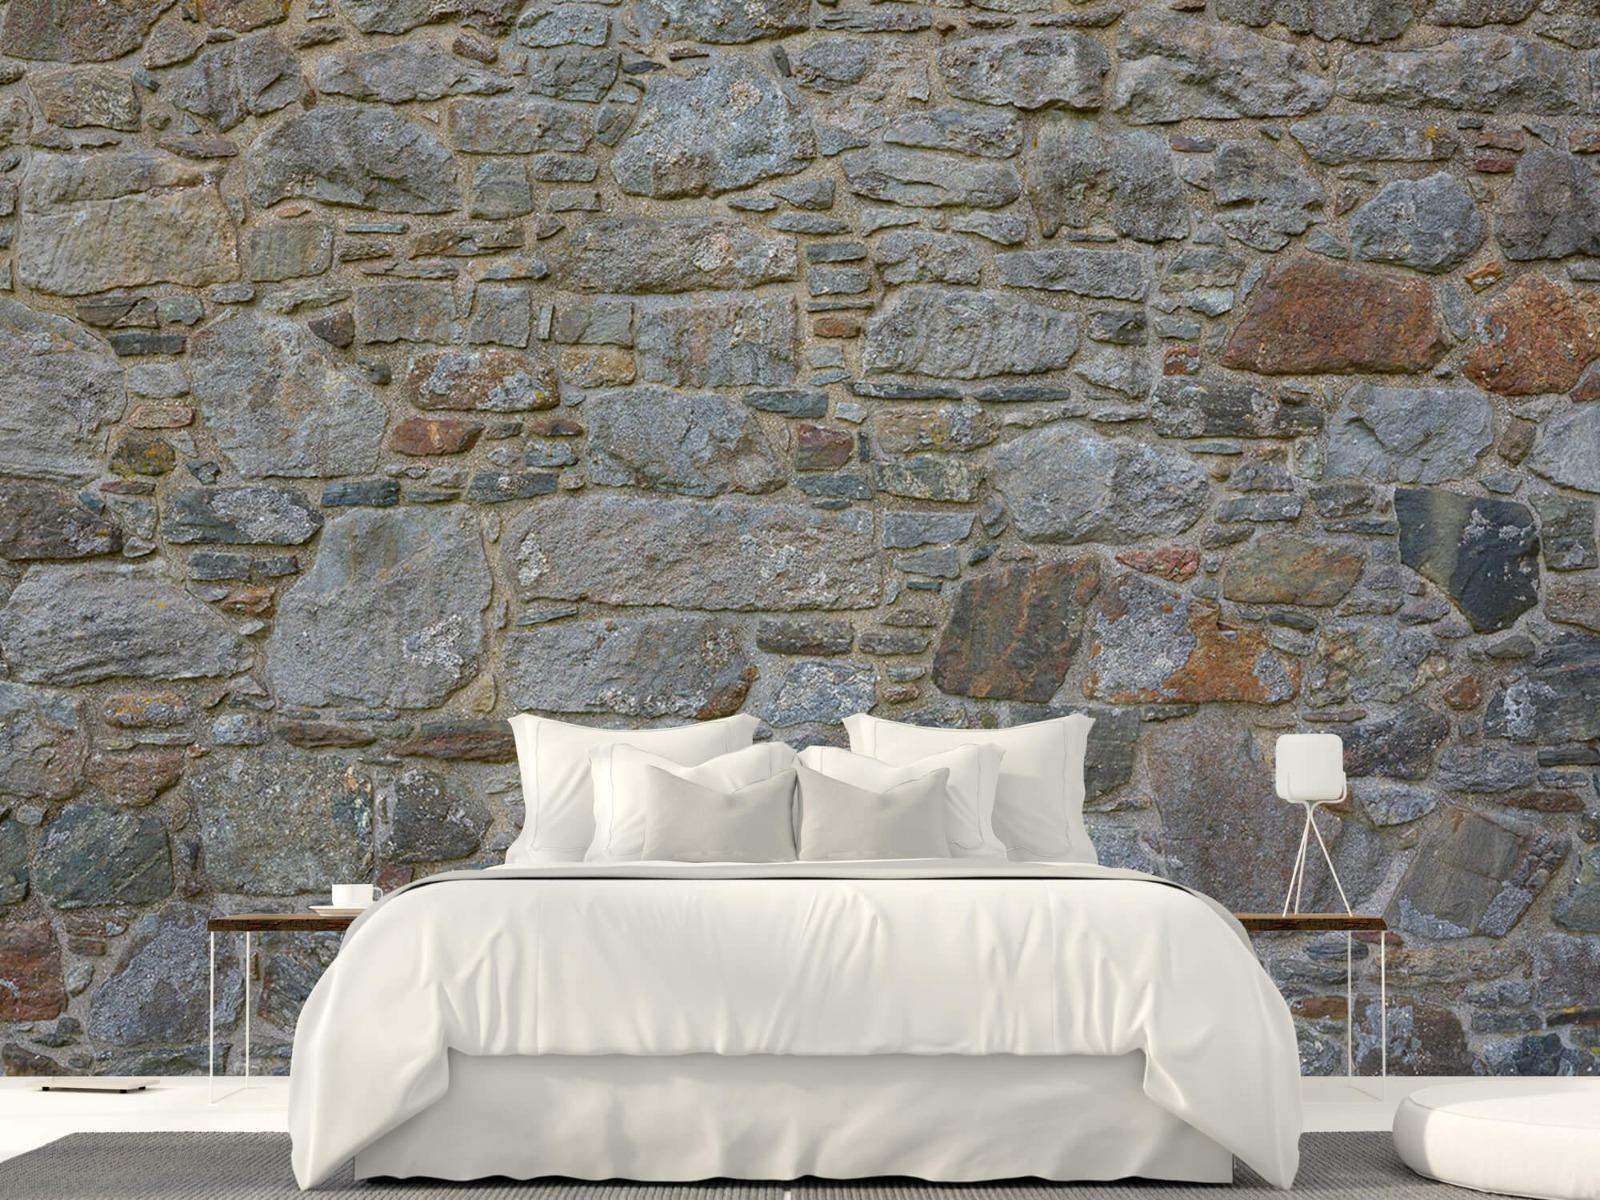 Papier peint en pierre - Mur de pierre médiéval - Chambre à coucher 23